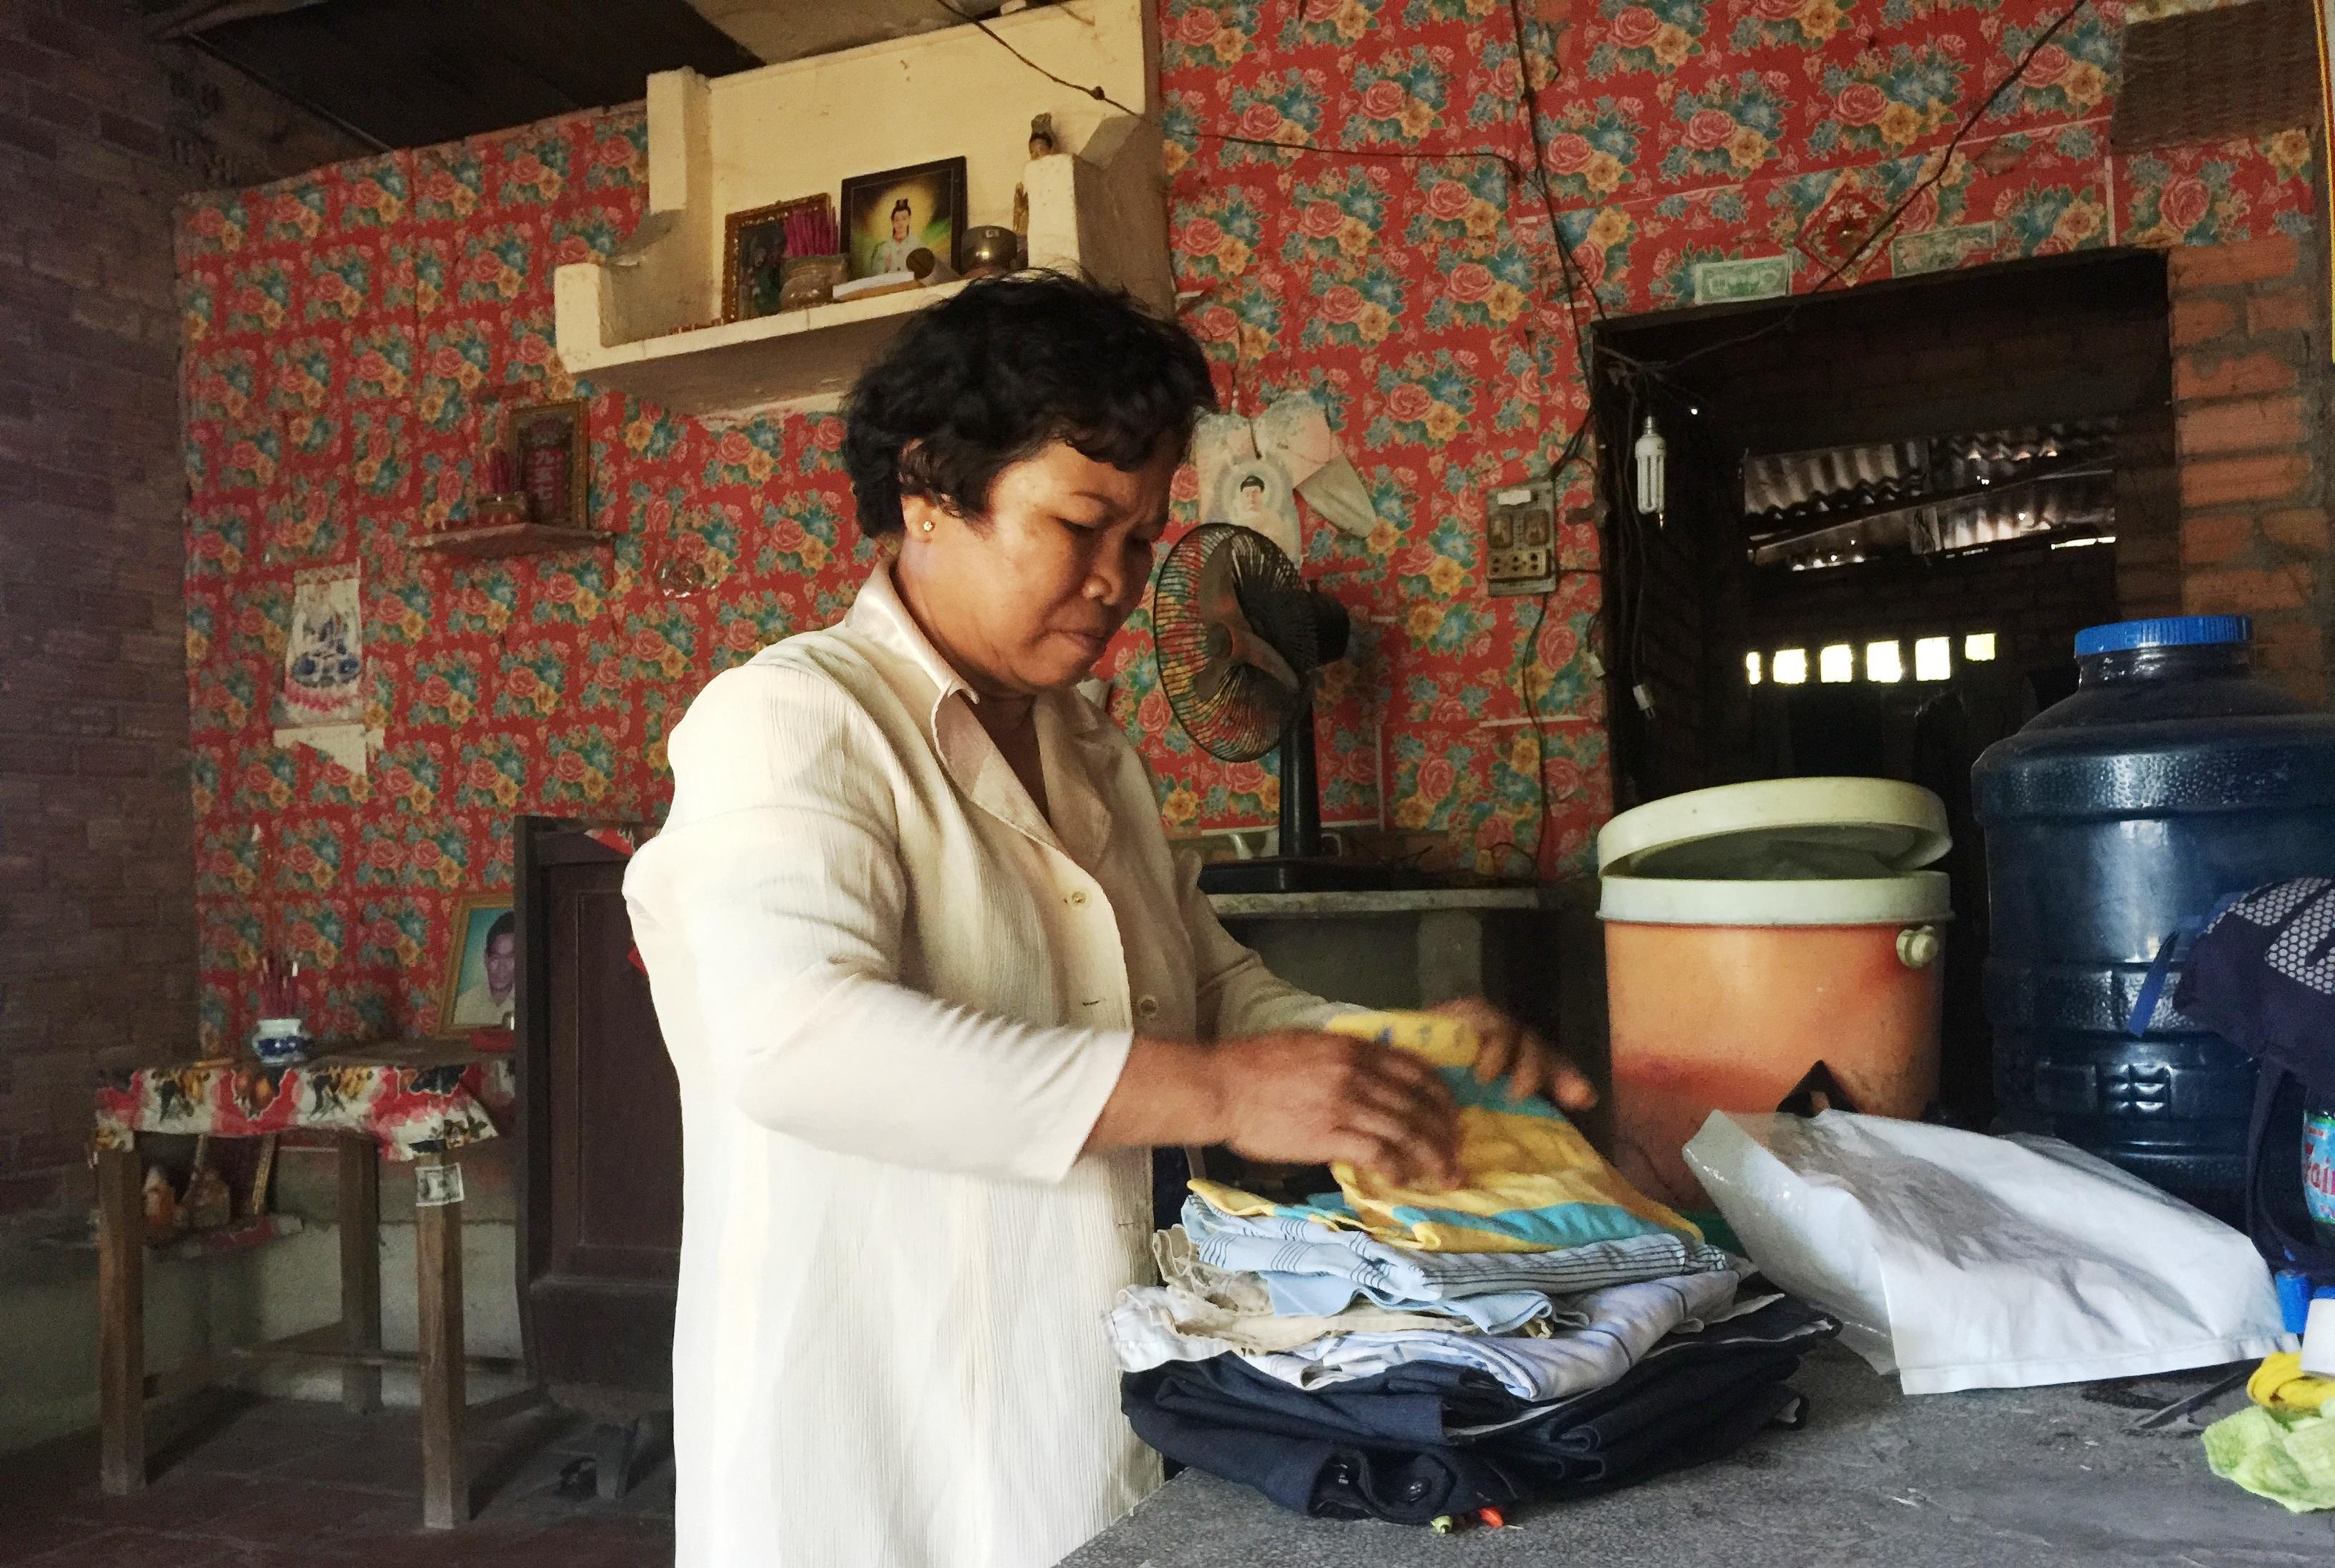 Bà Nguyễn Thị Gái hơn 2.000 ngày qua đau đáu về số phận của đứa con trai út. Những khi nhớ con, người mẹ này lại lần mò những bộ quần áo của con rồi khóc nghẹn.